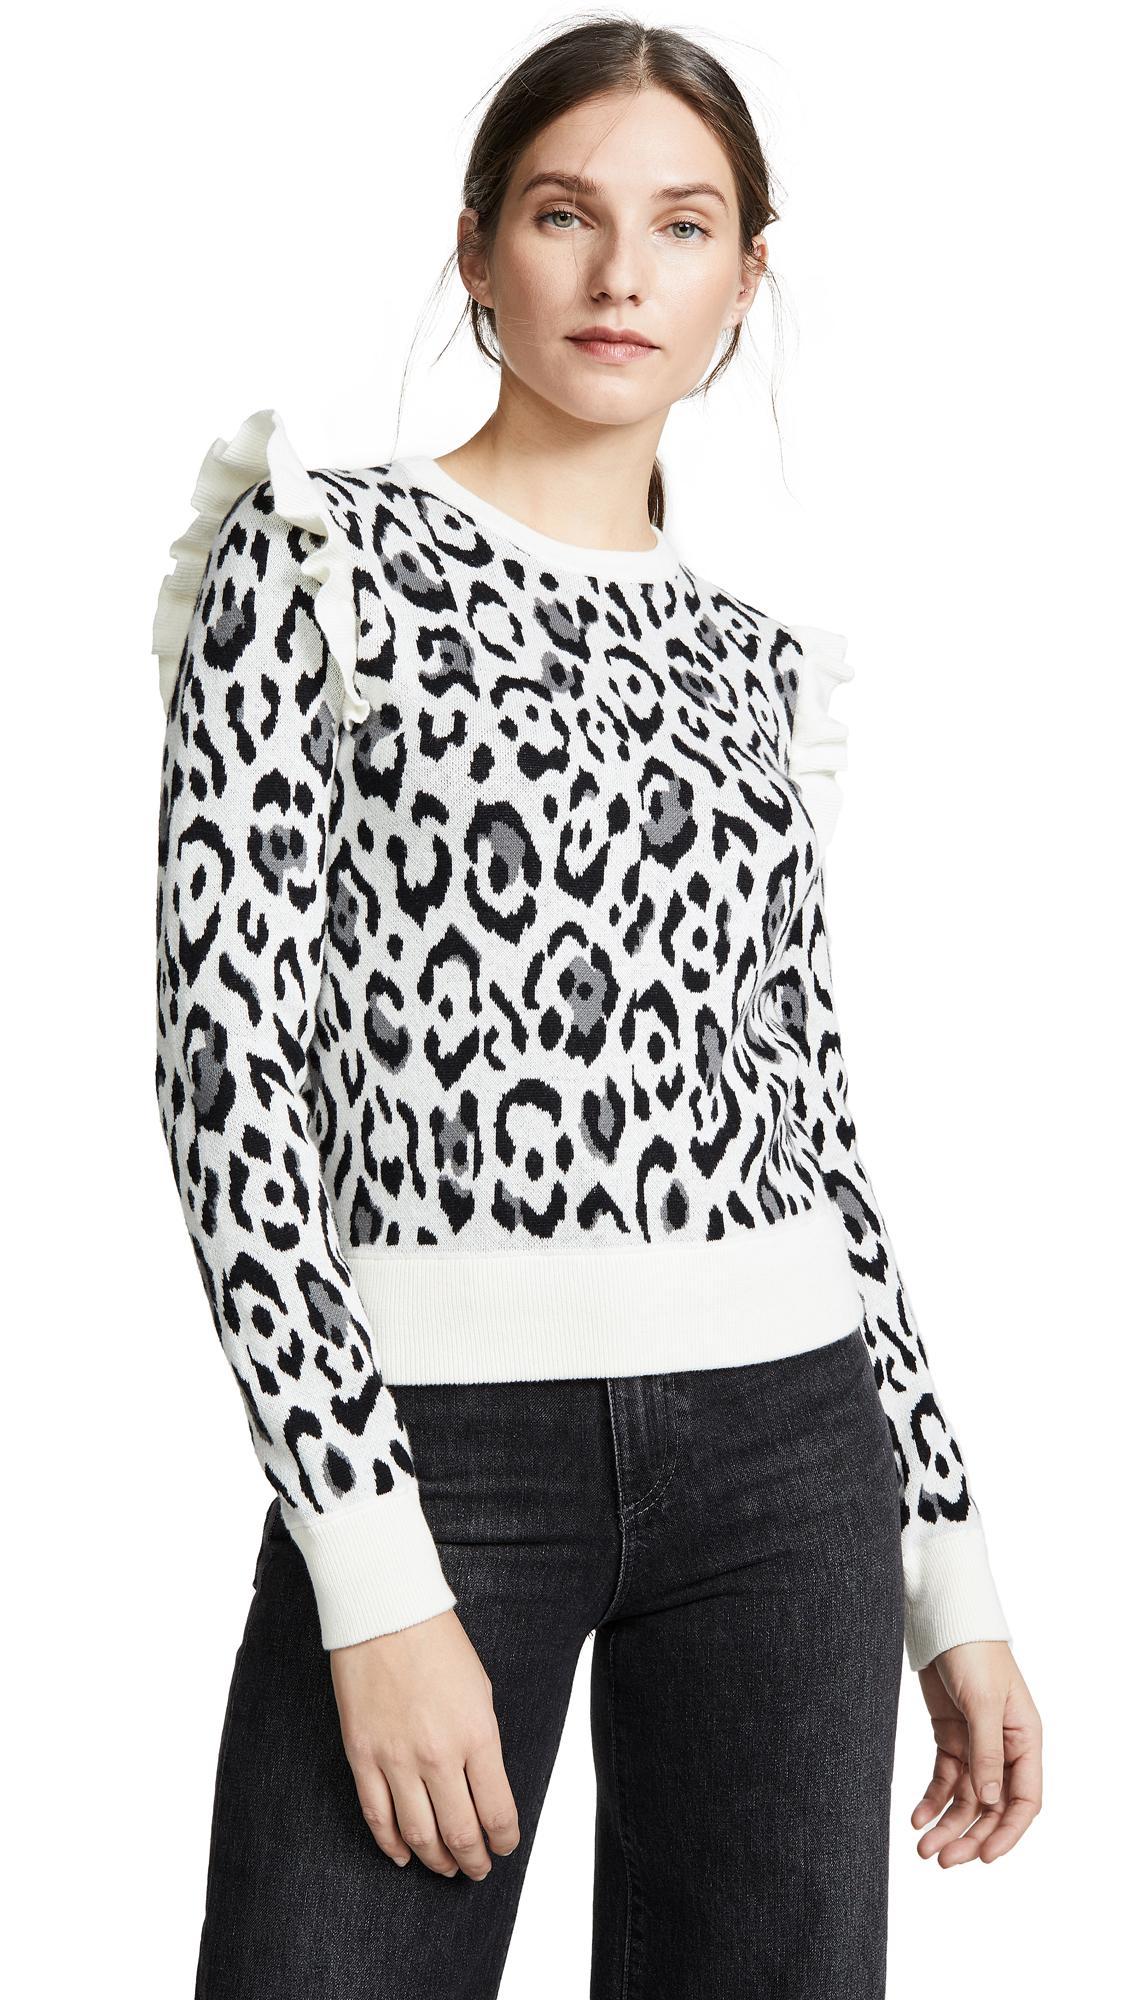 Rachel Zoe Heidi Sweater - Multi